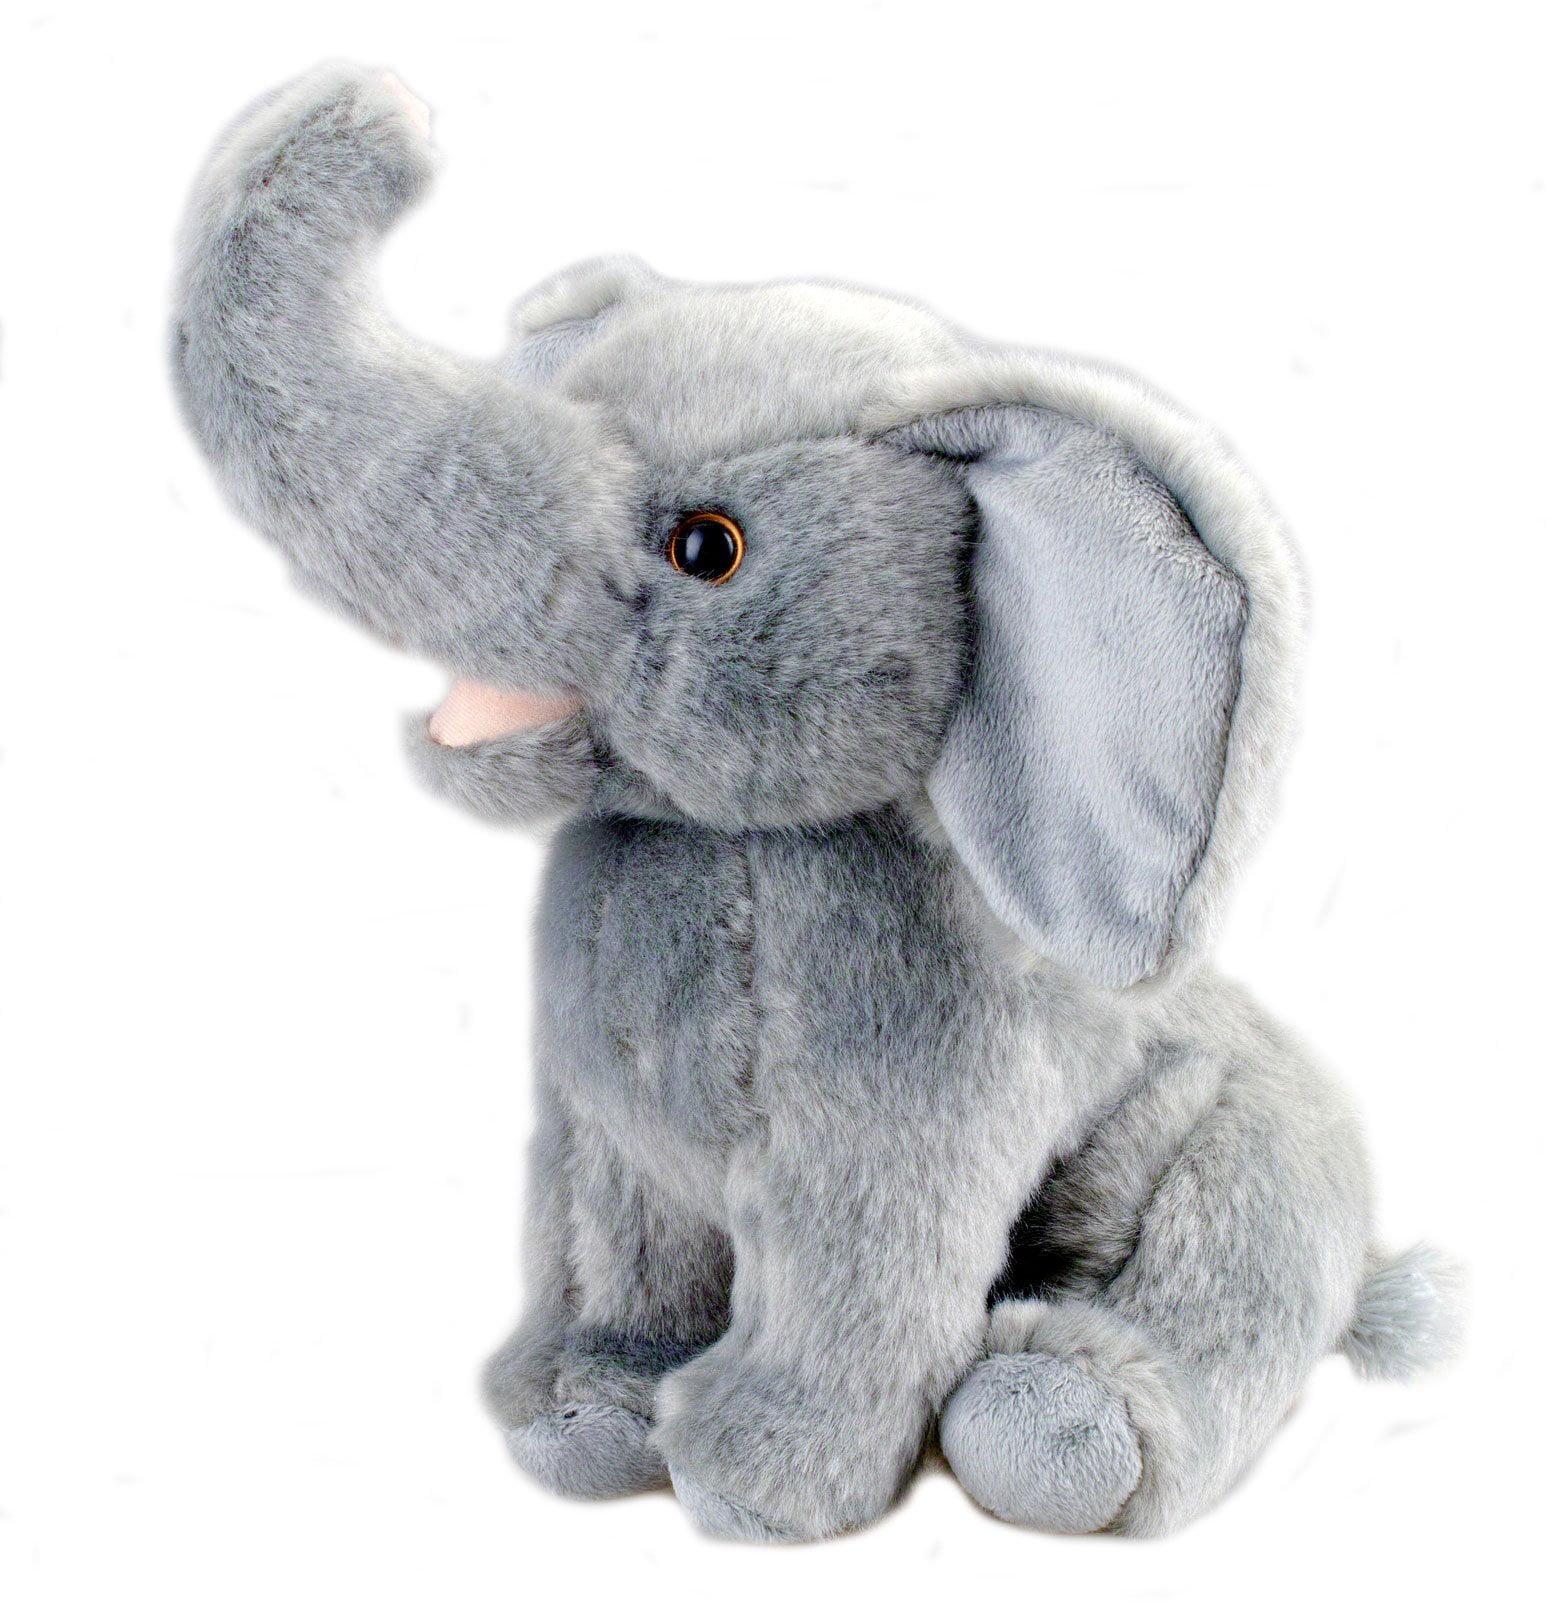 картинки плюшевых слоников того, гости